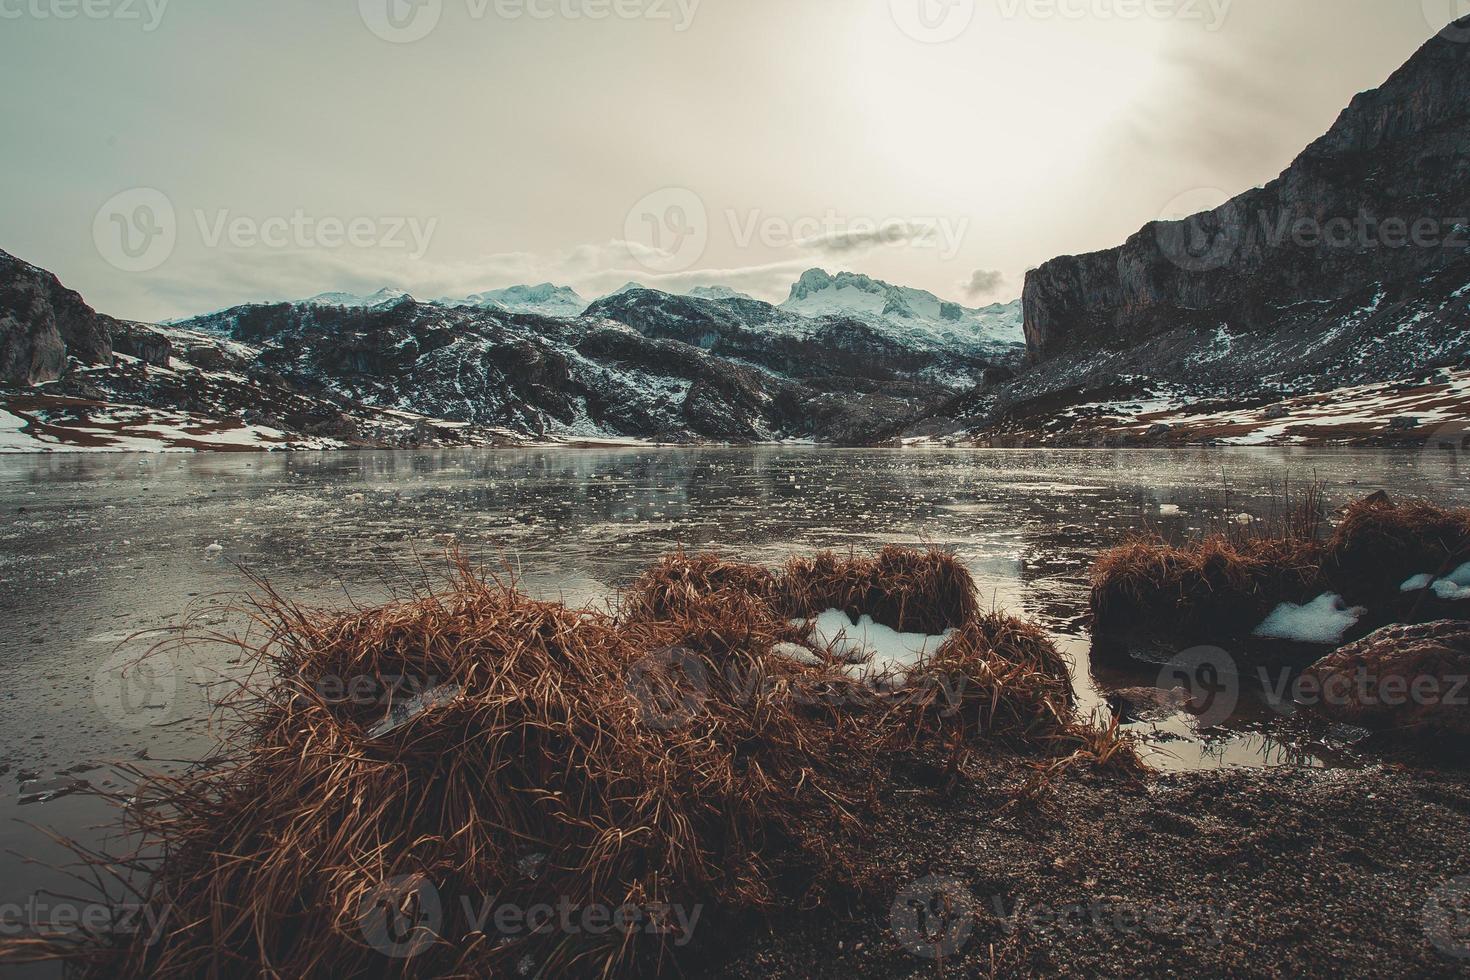 vue imprenable et relaxante sur un lac gelé i photo